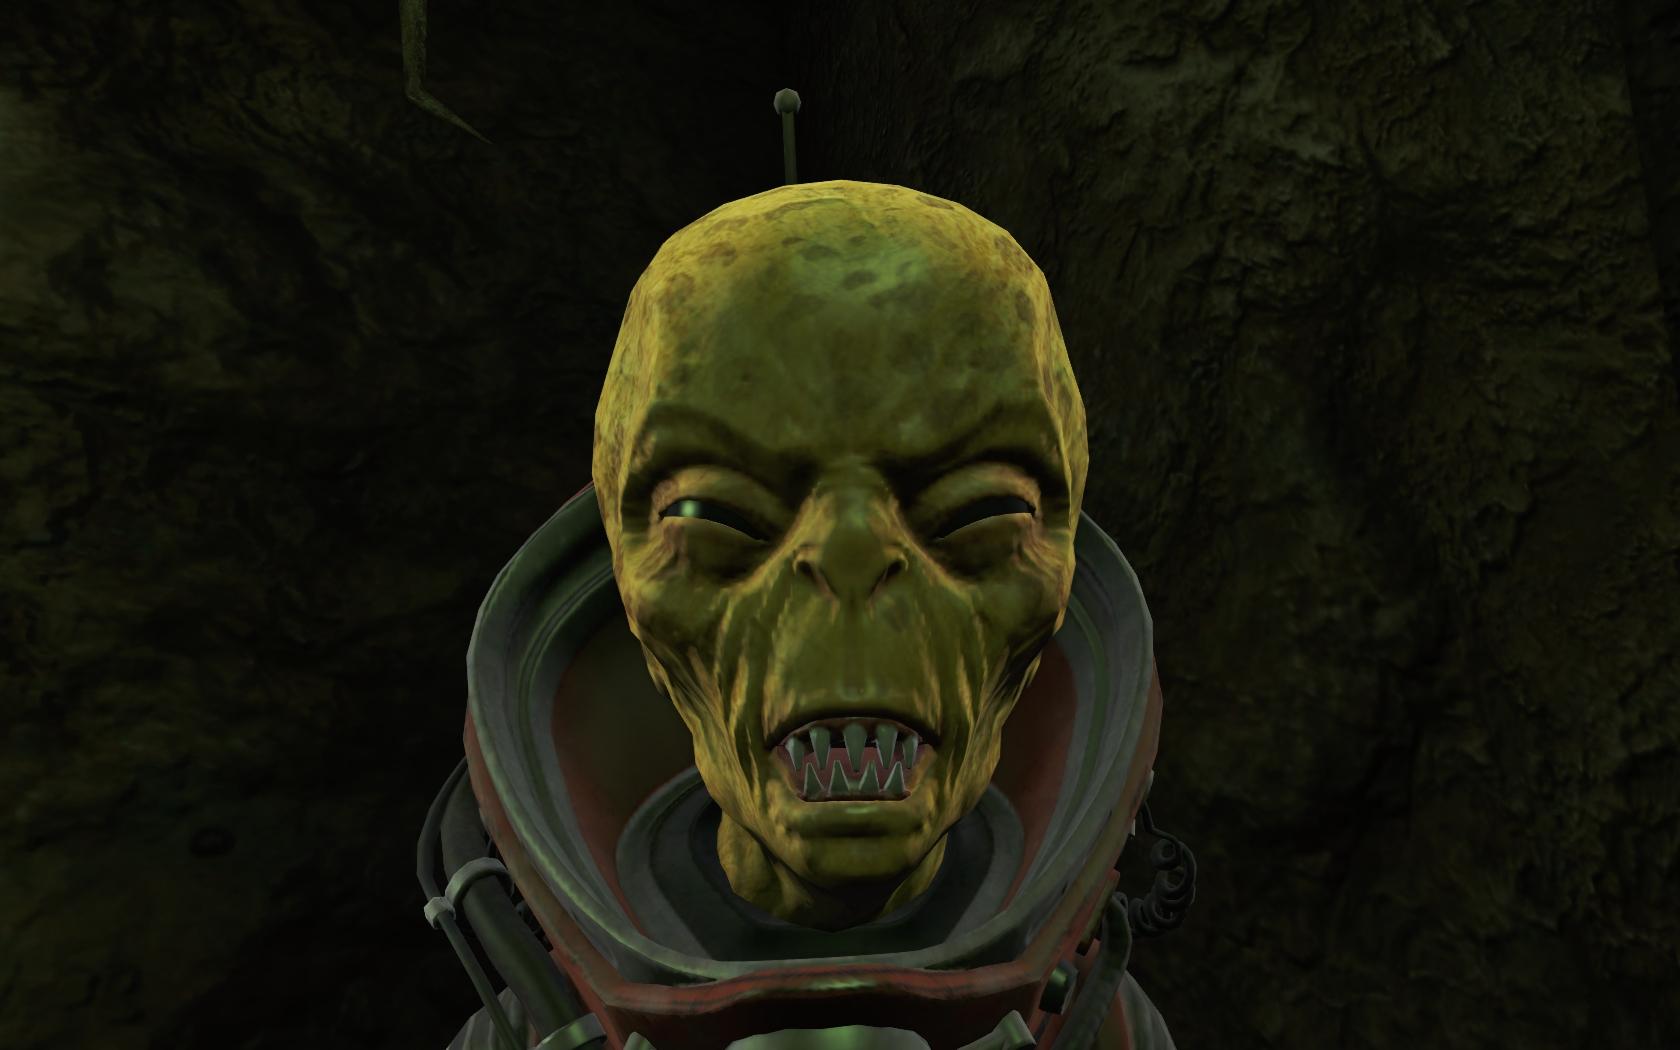 Чужой в пещере (юго-восточнее Станции Оберленд) #5 - Fallout 4 Дзетанец, Оберленд, пещера, Чужой